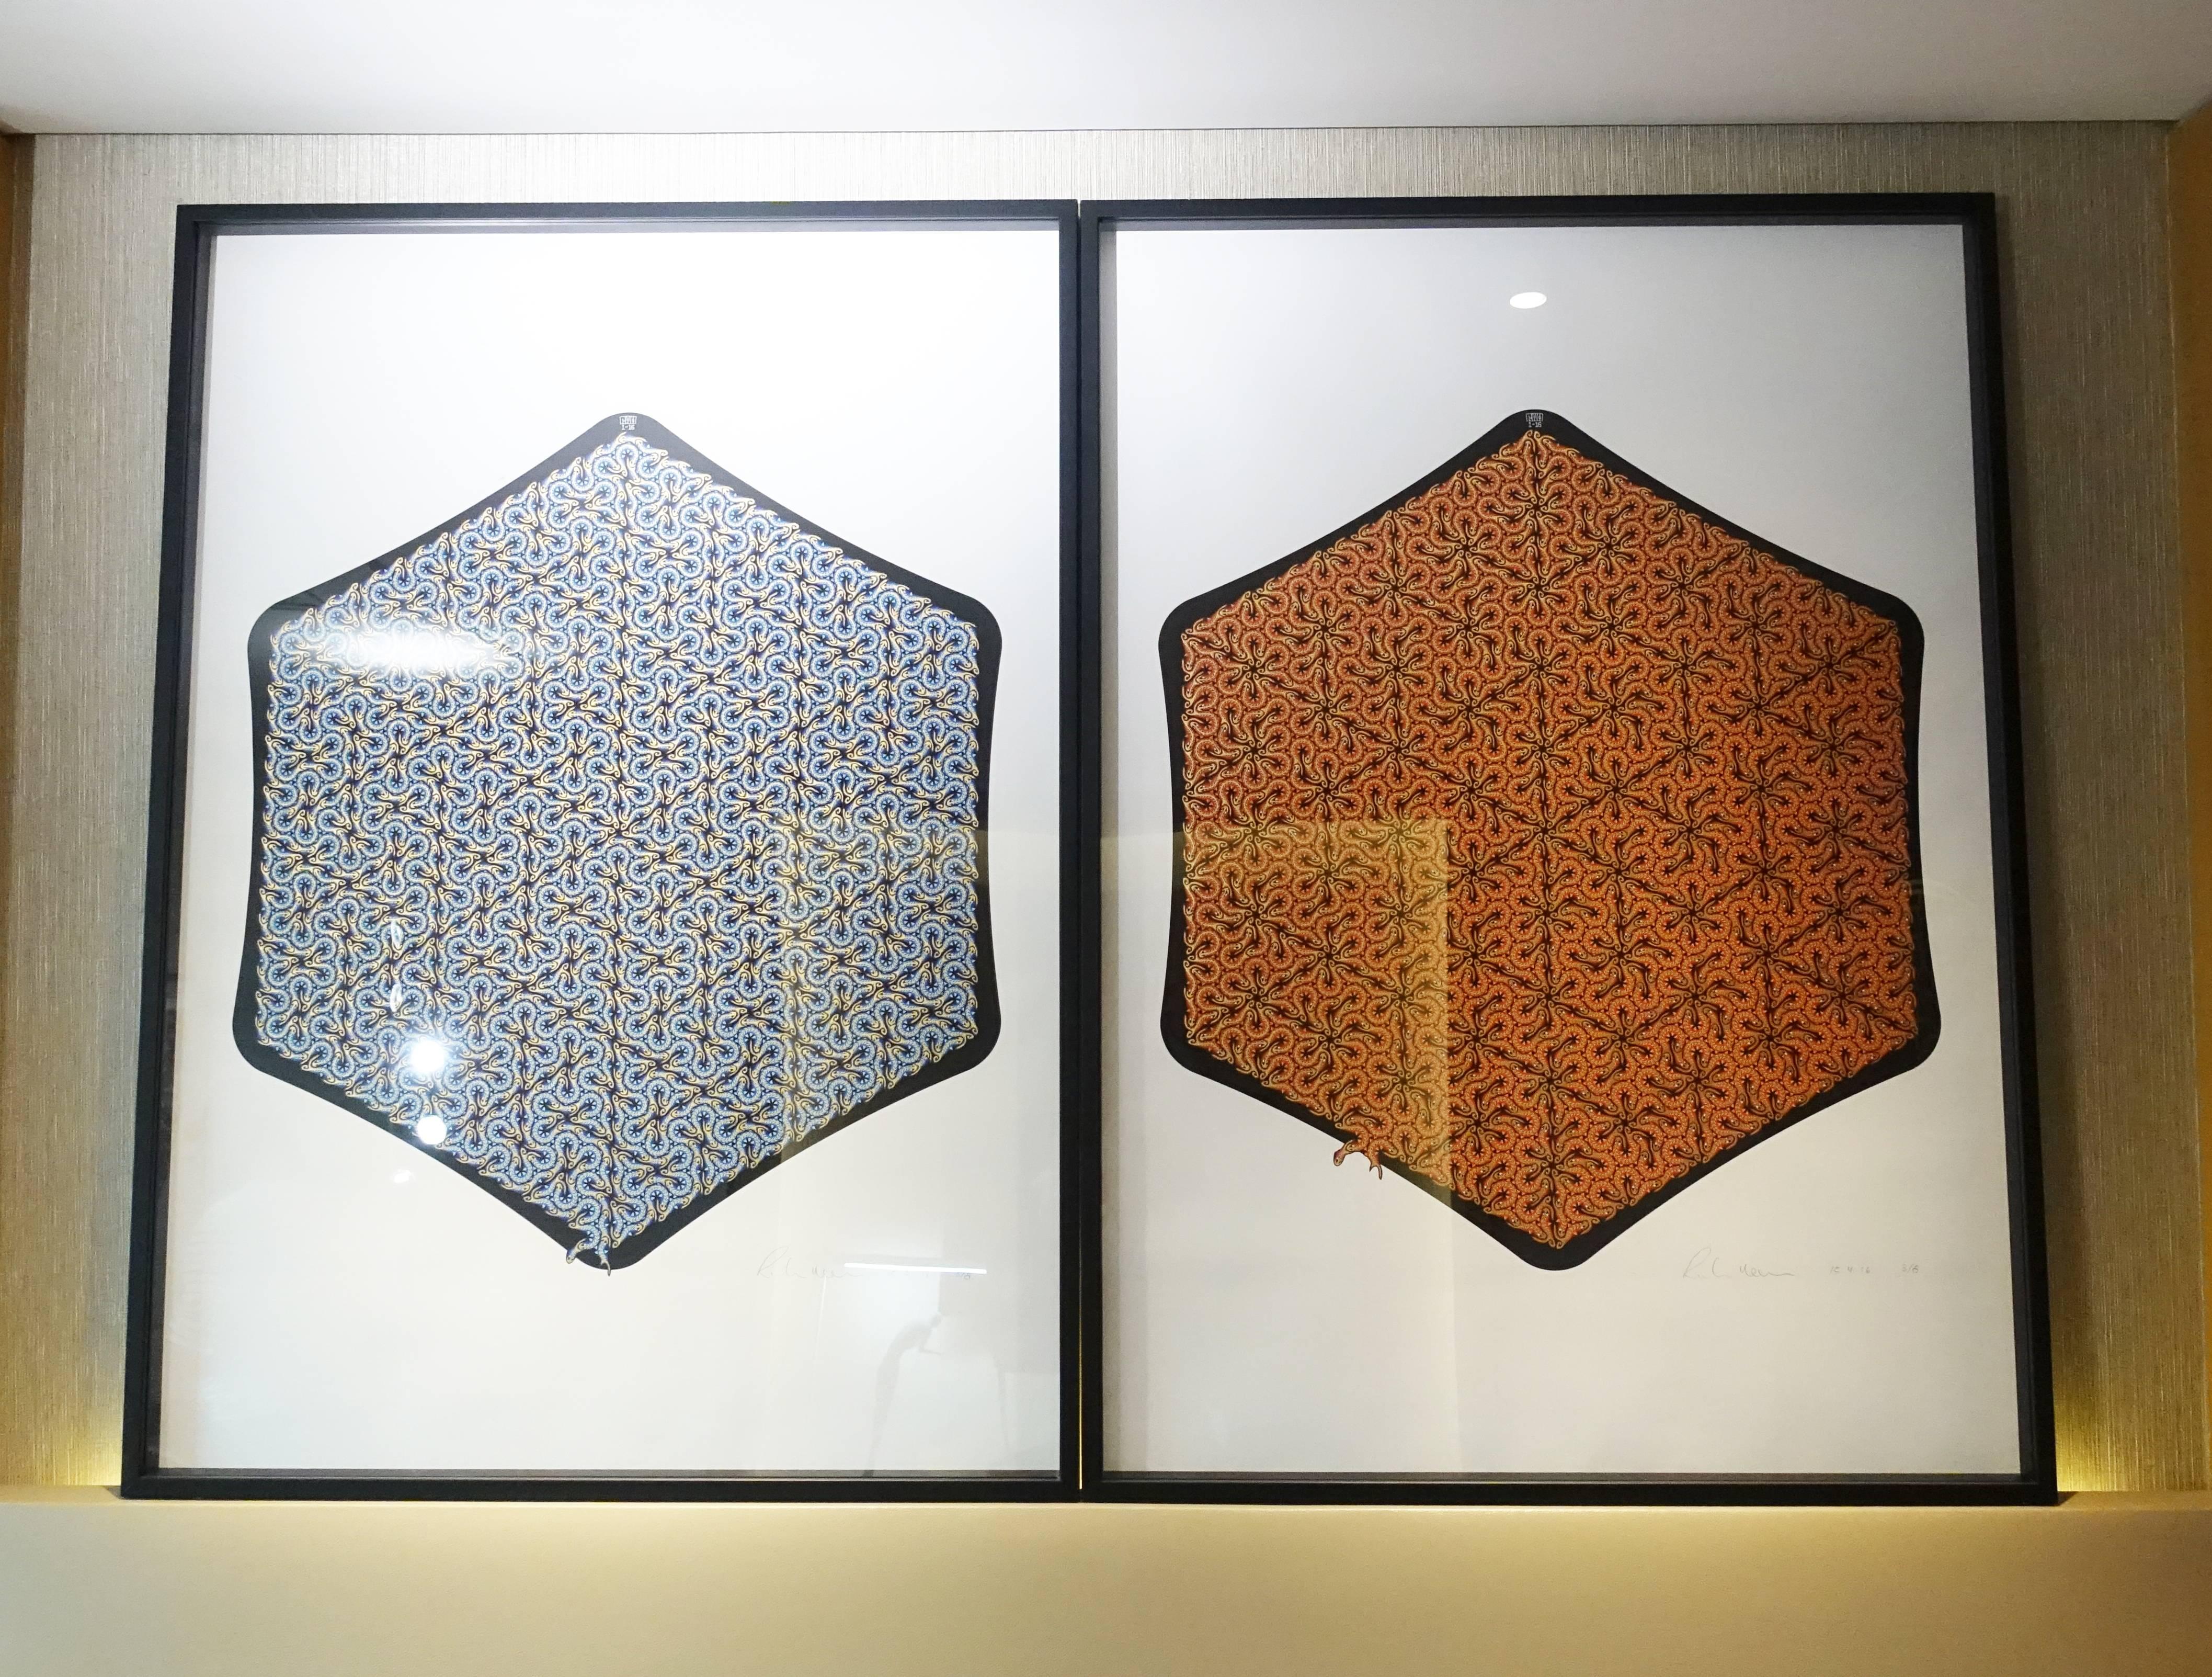 尚畫廊展出藝術家RichardHassell作品。